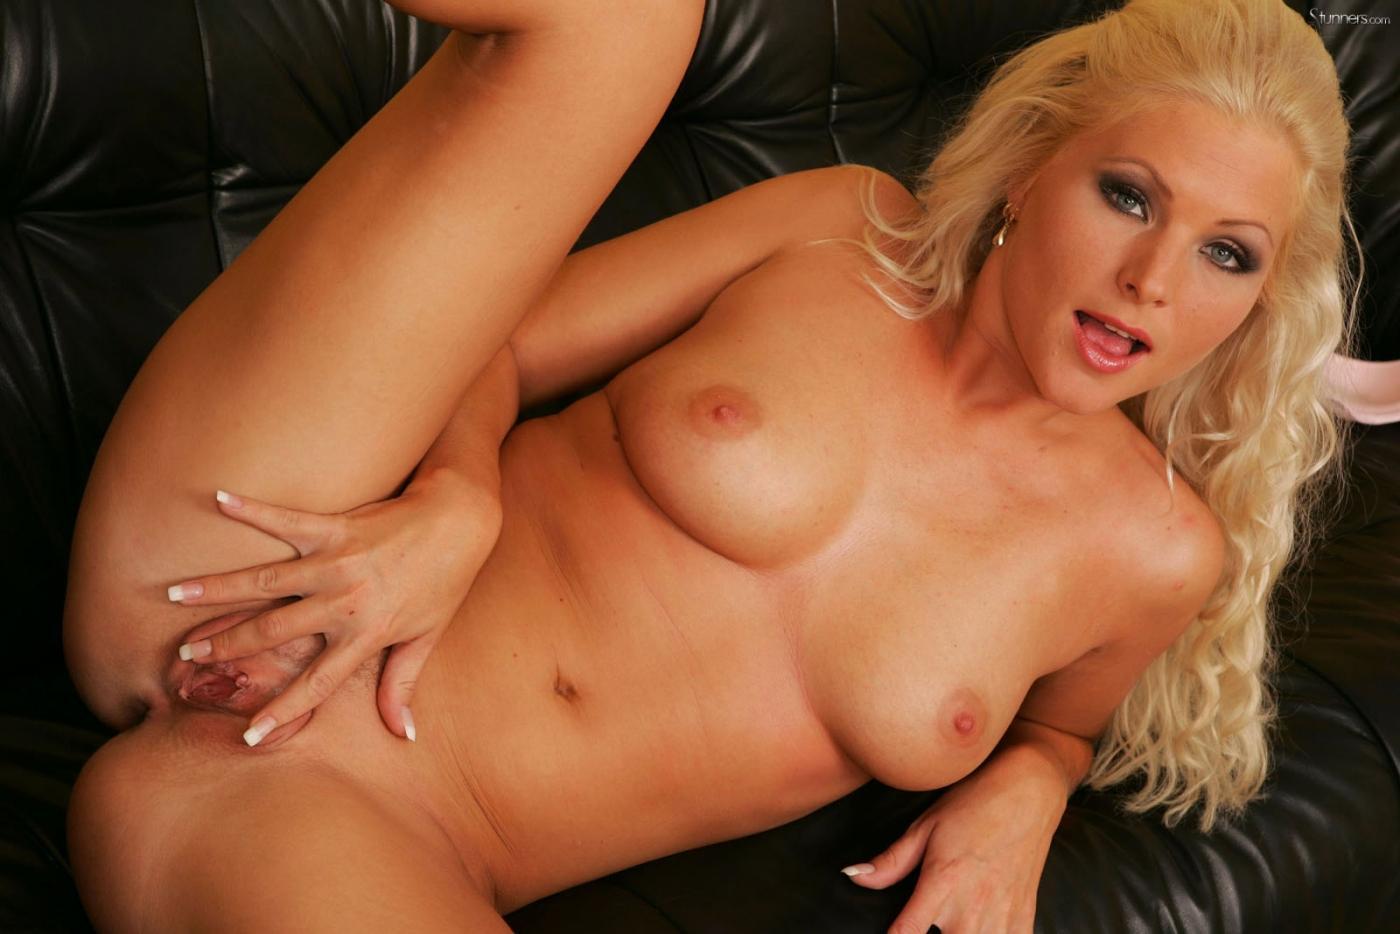 Кучерявая блондинка с роскошной грудью Kathy Anderson жарит дырку стеклянным дилдо